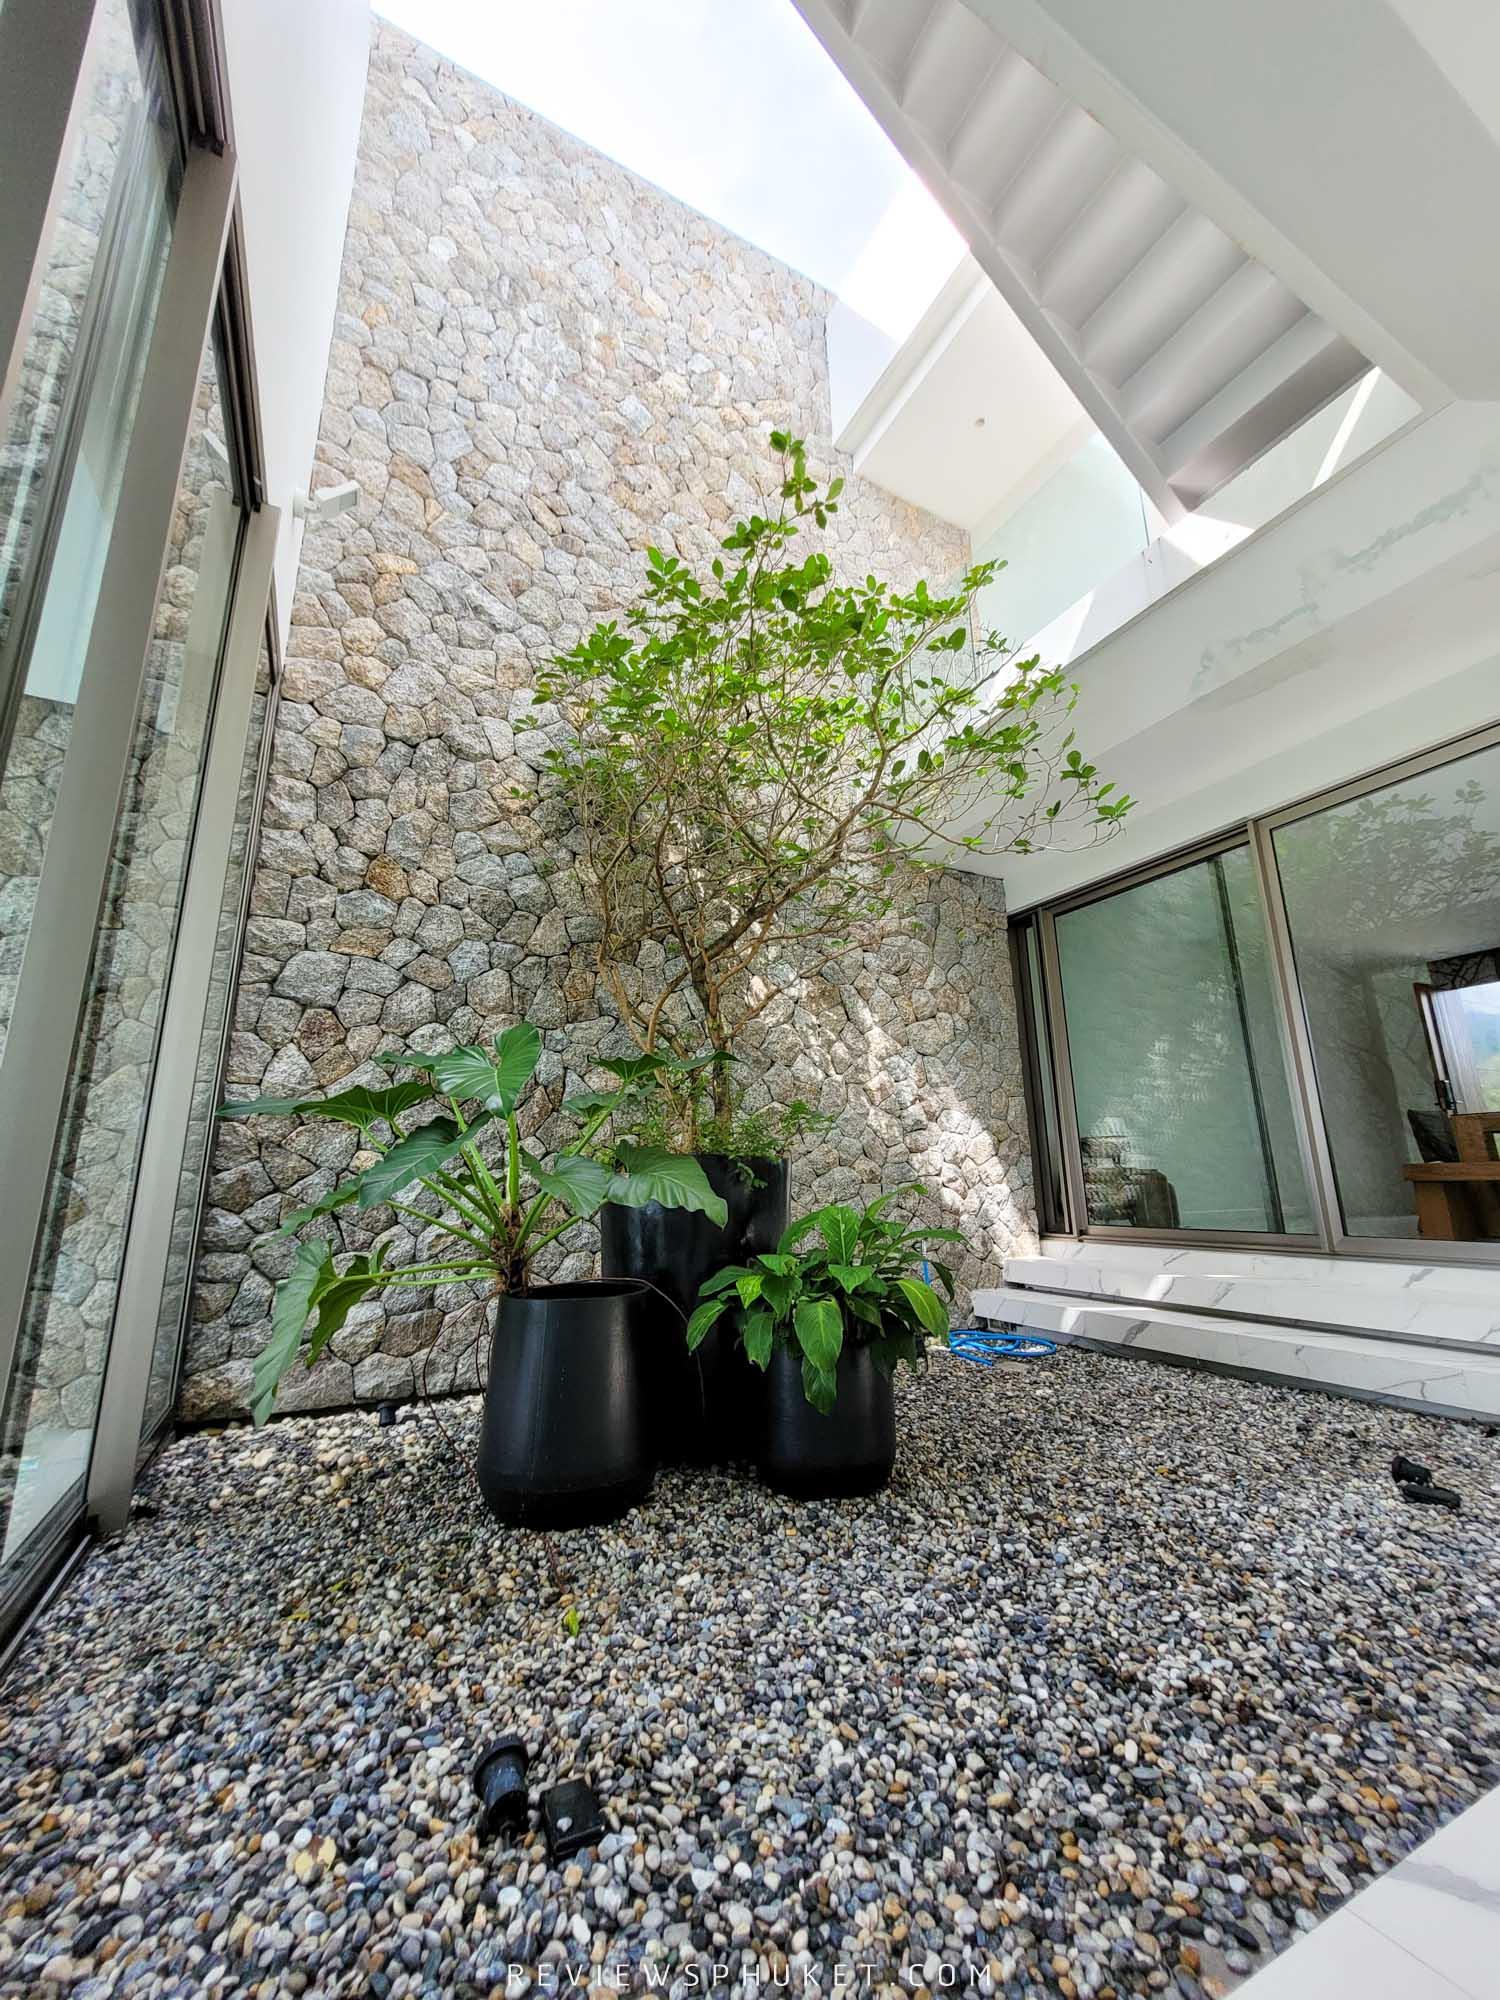 มีต้นไม้เขียวๆตัดขาว ภายในโรงแรมนอกจากจะออกแบบสวยดูดีมีสไตล์โทนขาวคลีนๆ-แล้วยังมีต้นไม้สีเขียวแบบที่ถูกจัดวางไว้สวยๆอย่างดี-คือสวยมวากก-แอดชอบมวากก paivilla,phuket,ที่พักภูเก็ต,สุดสวย